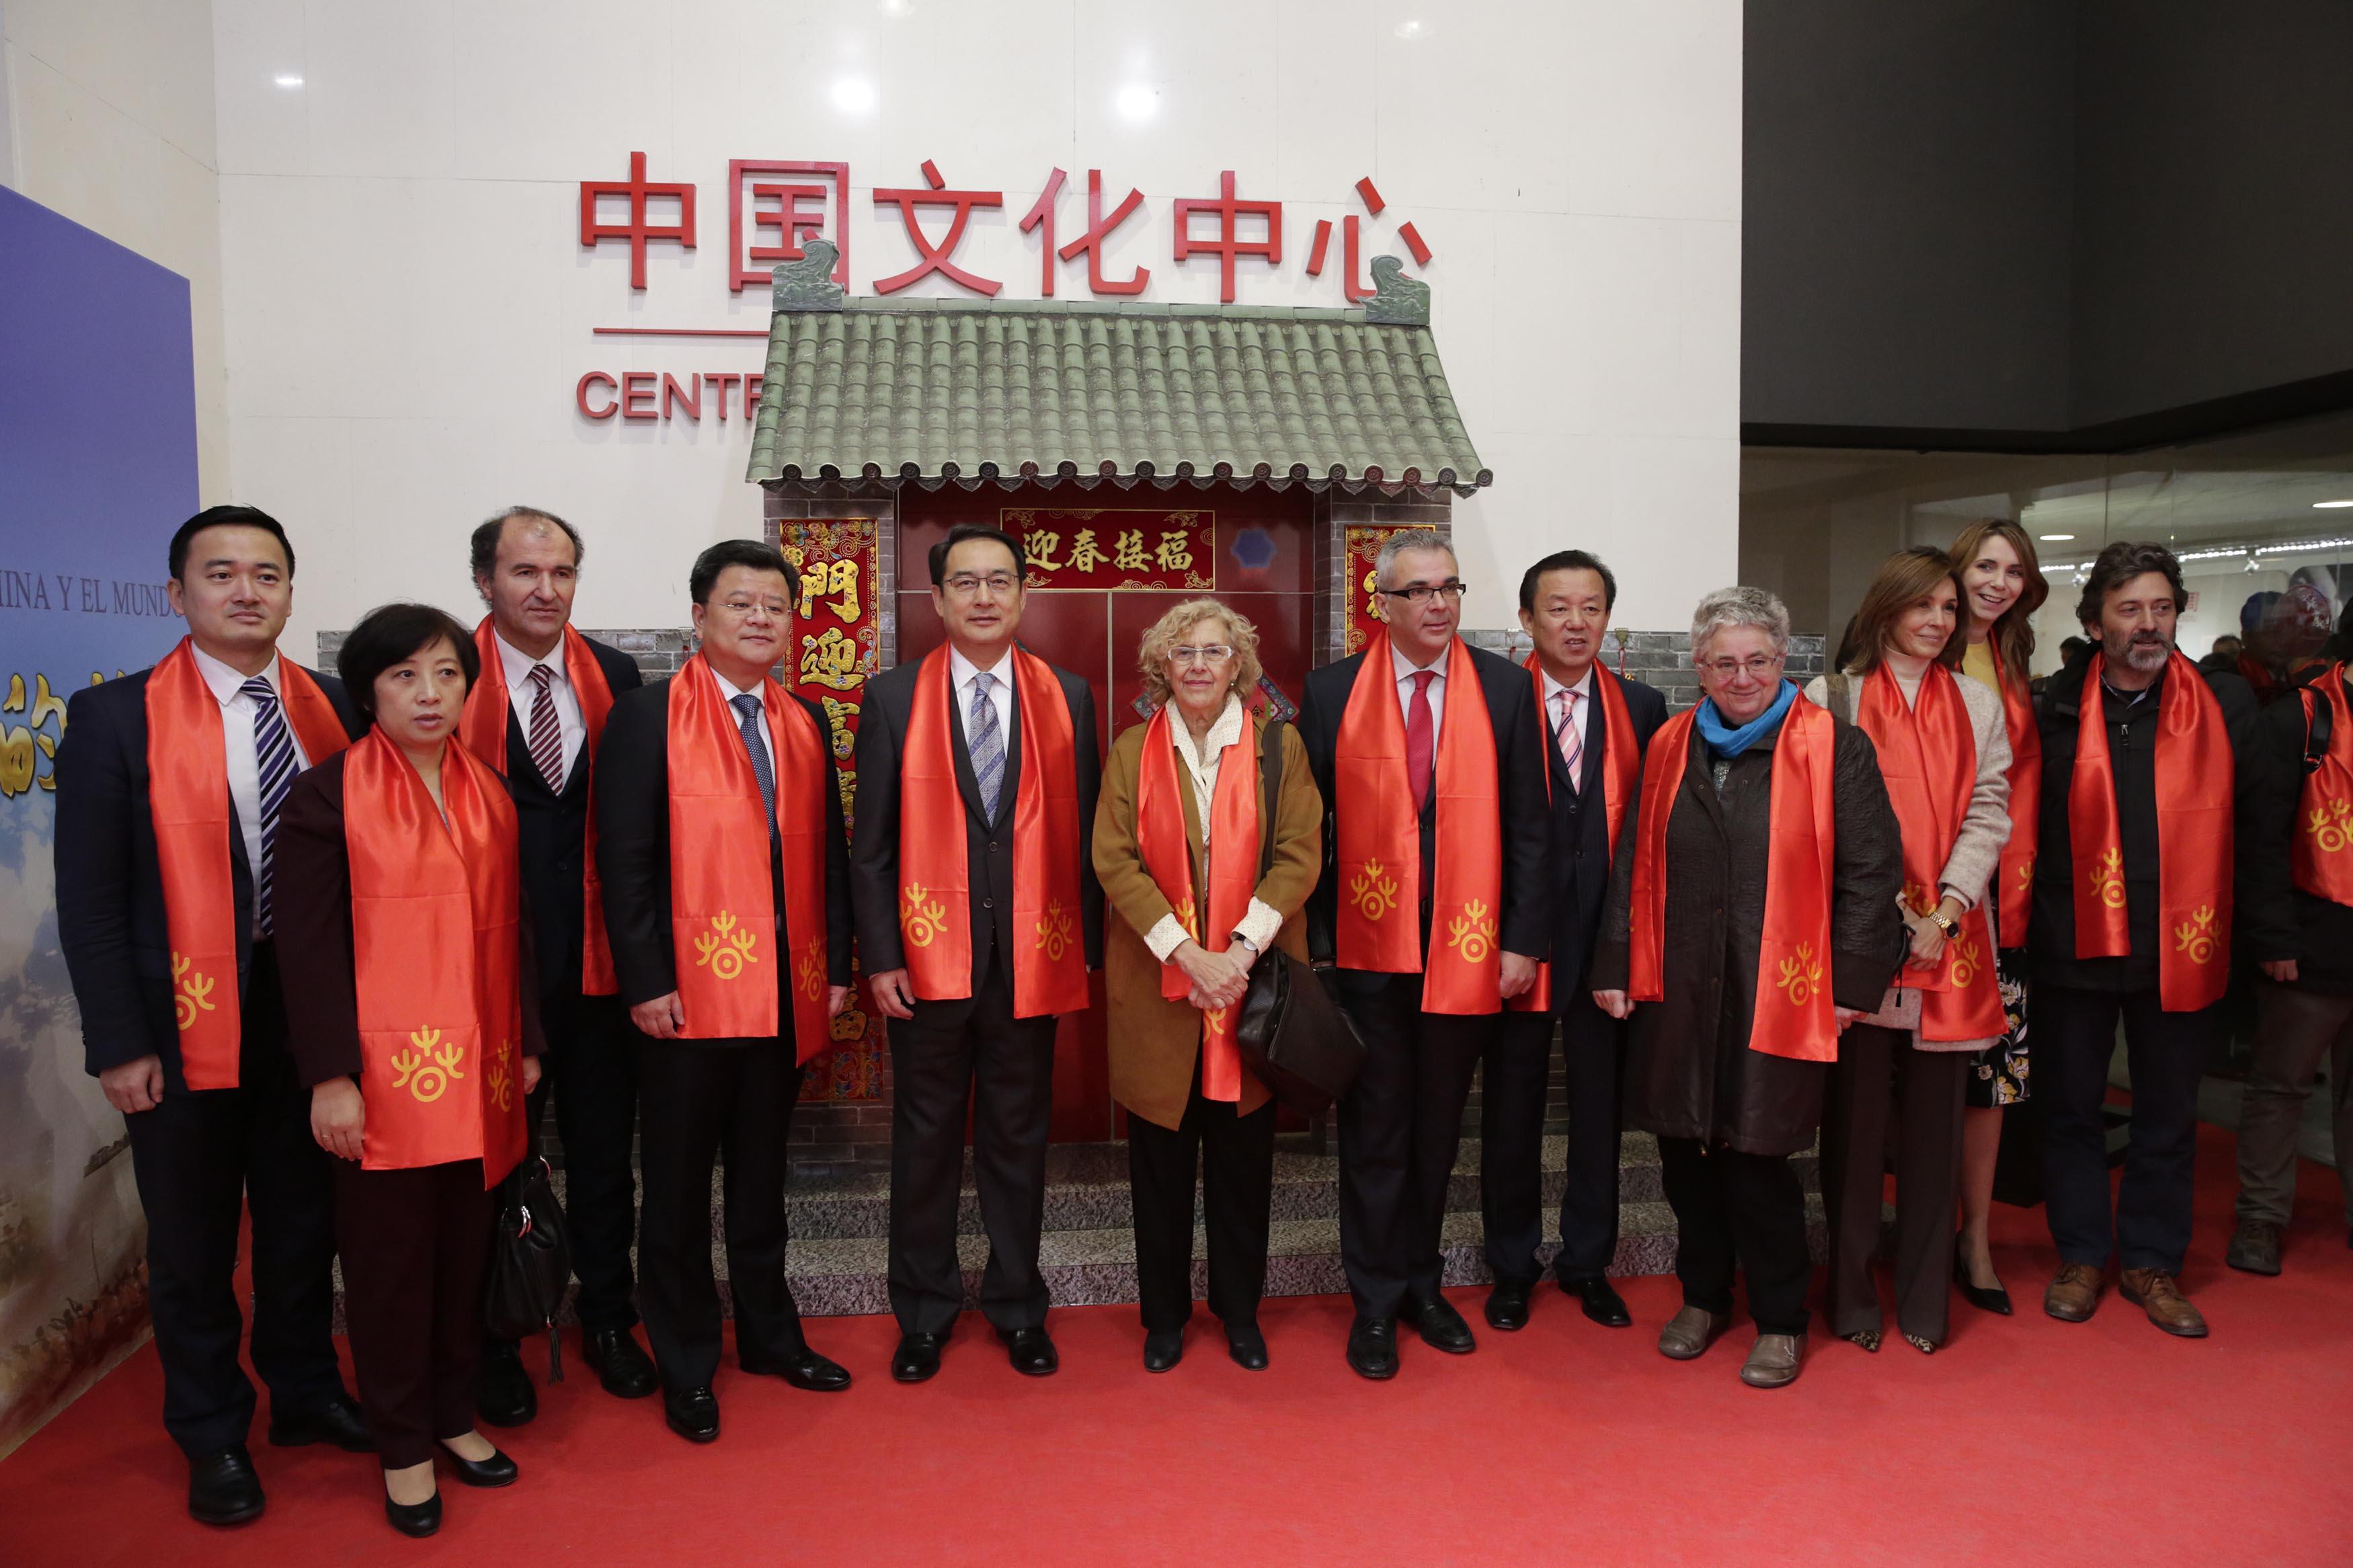 año nuevo chino en madrid